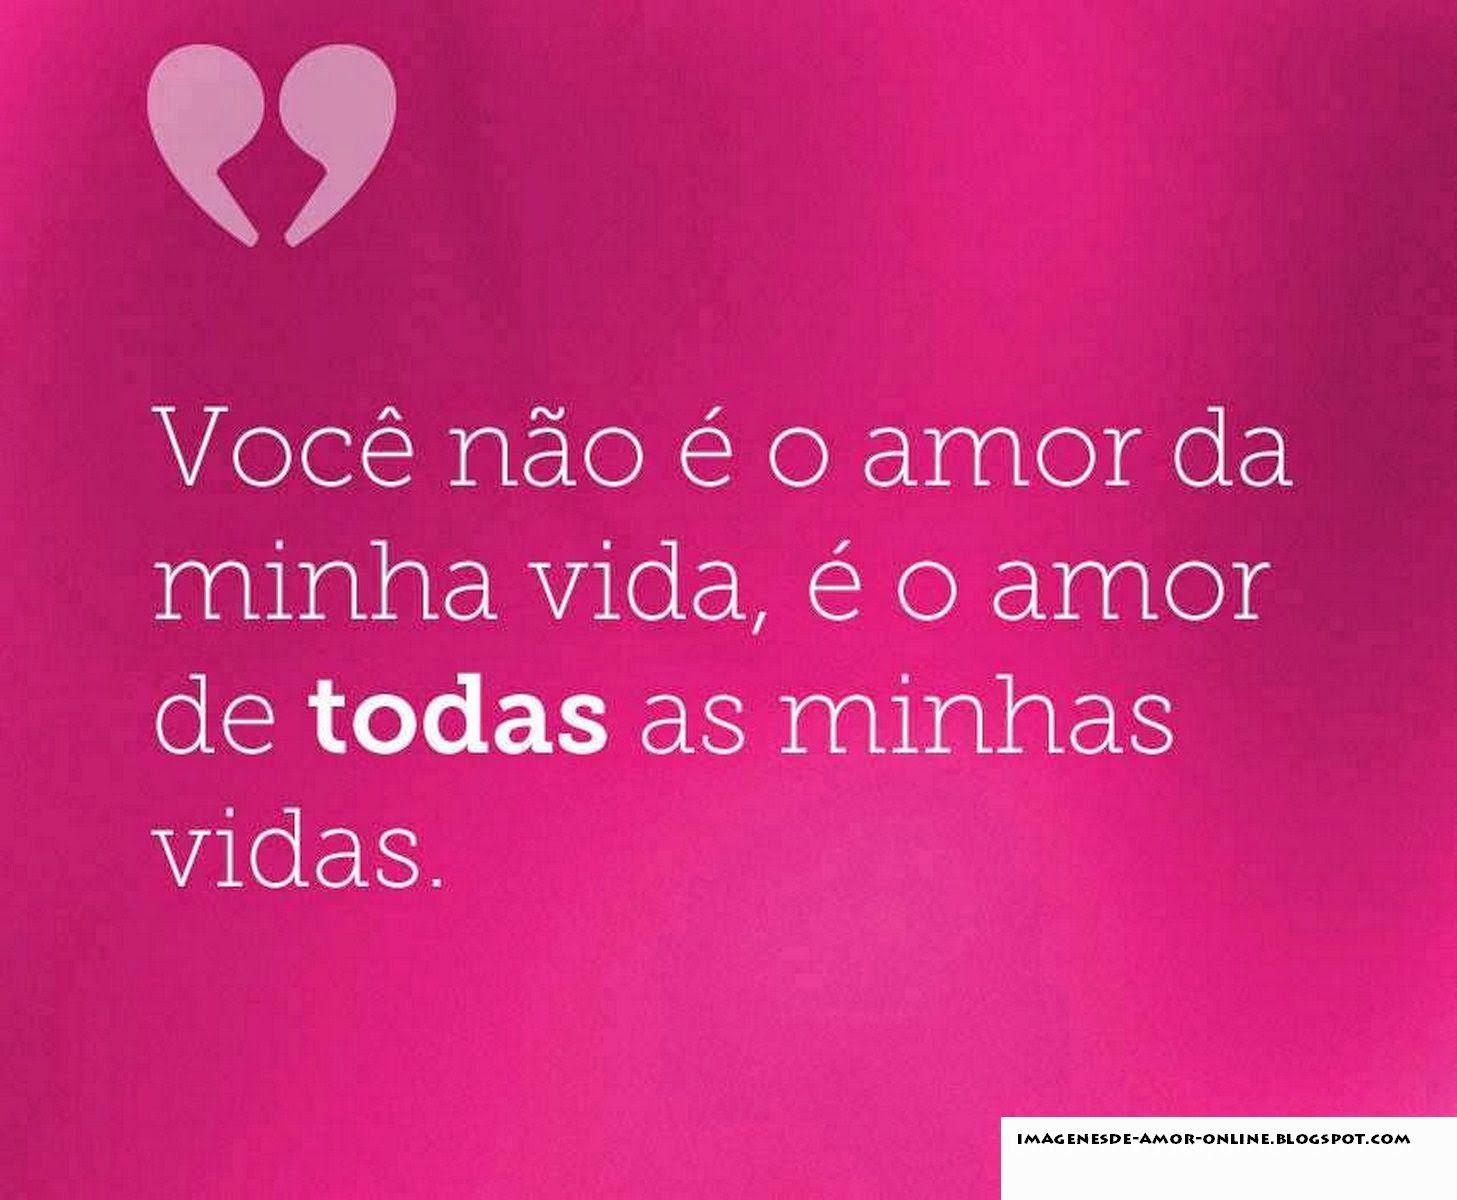 Frases romanticas cortas en portugues